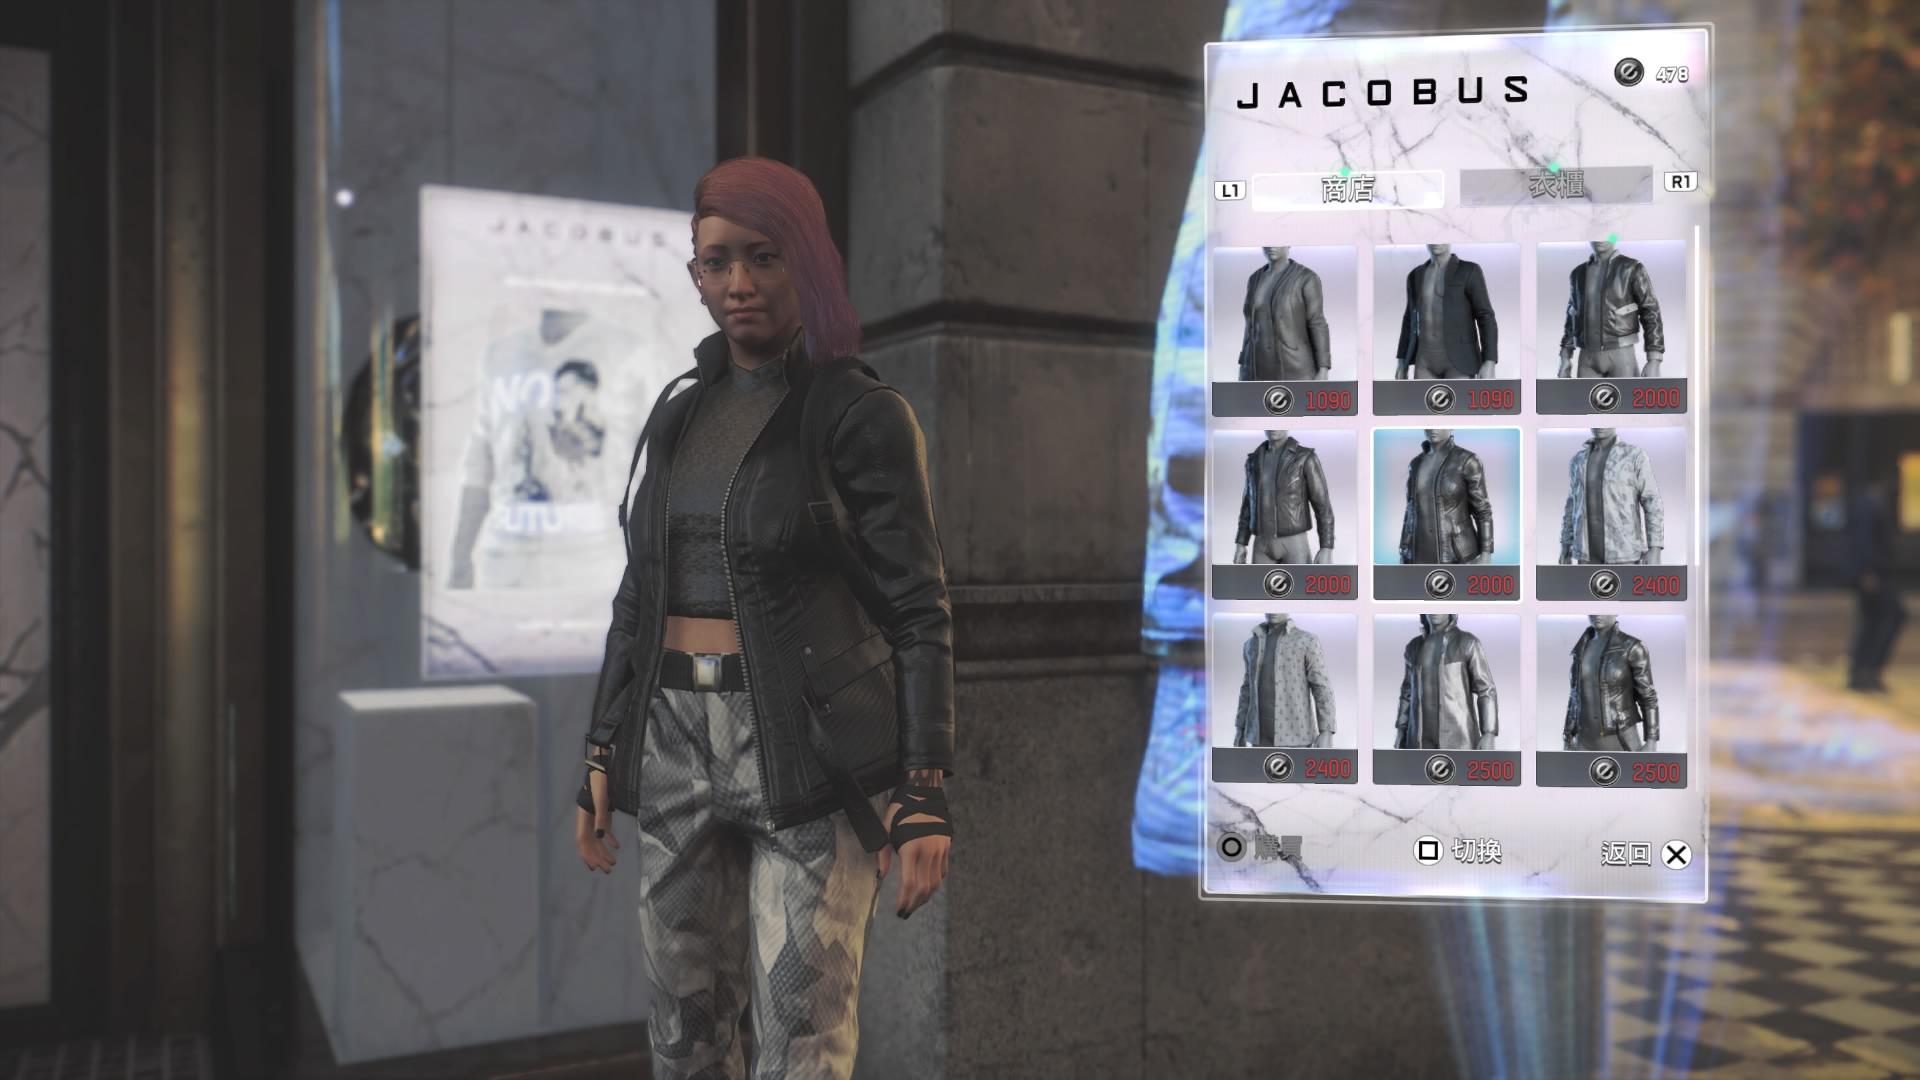 每一位成員的外觀都可以自由設定,只是遊戲中的錢初期並不好賺。(圖源:PS4 Pro)